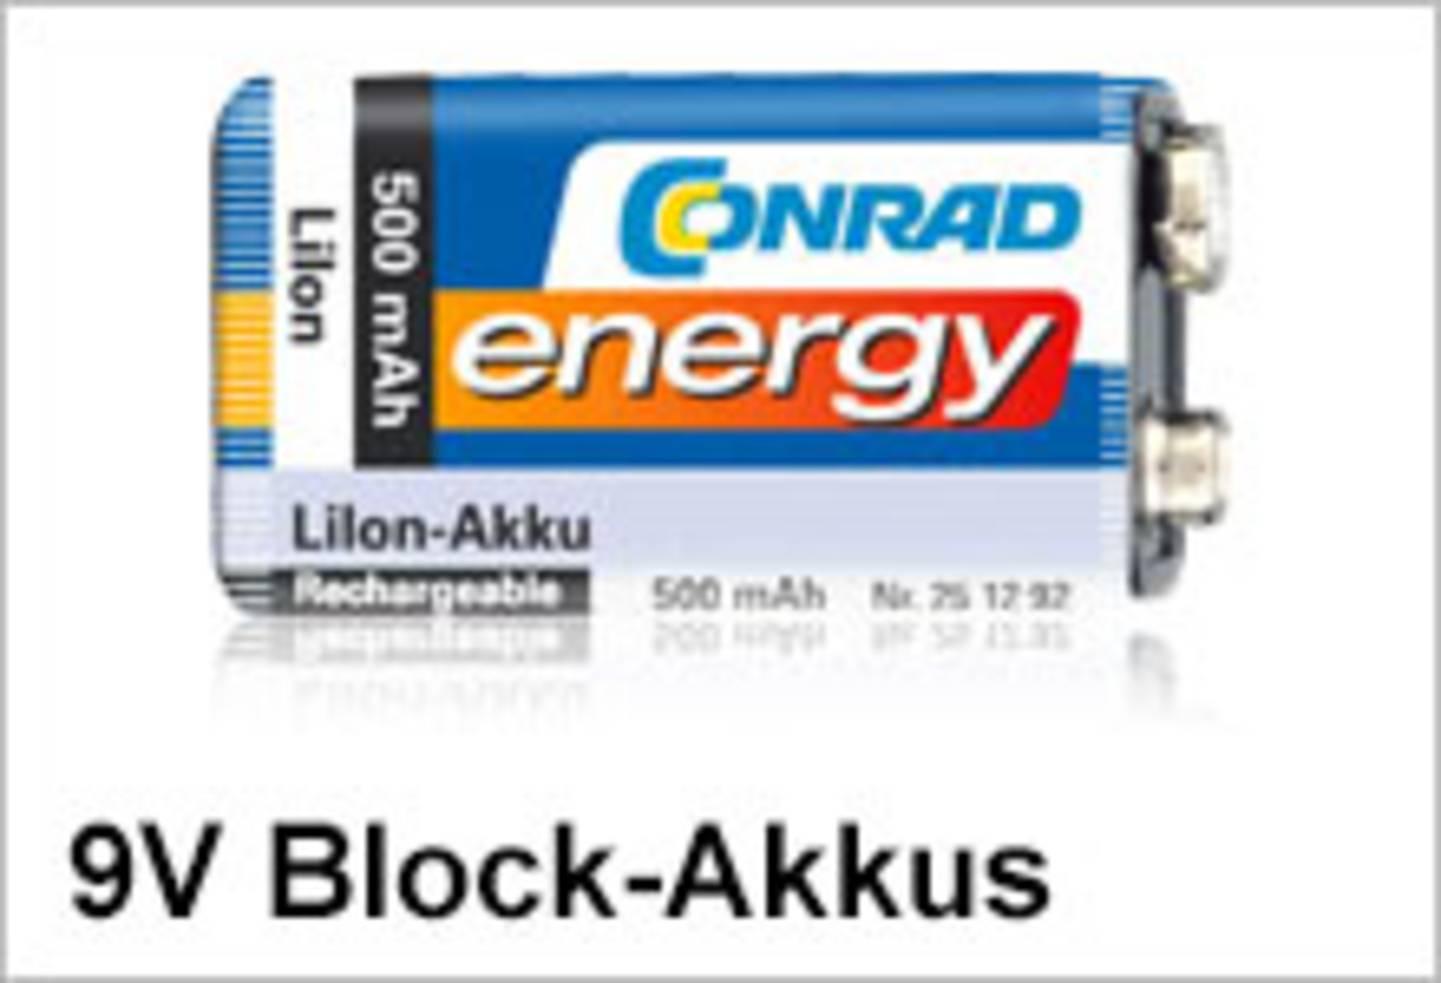 Conrad Energy 9V Block-Akkus